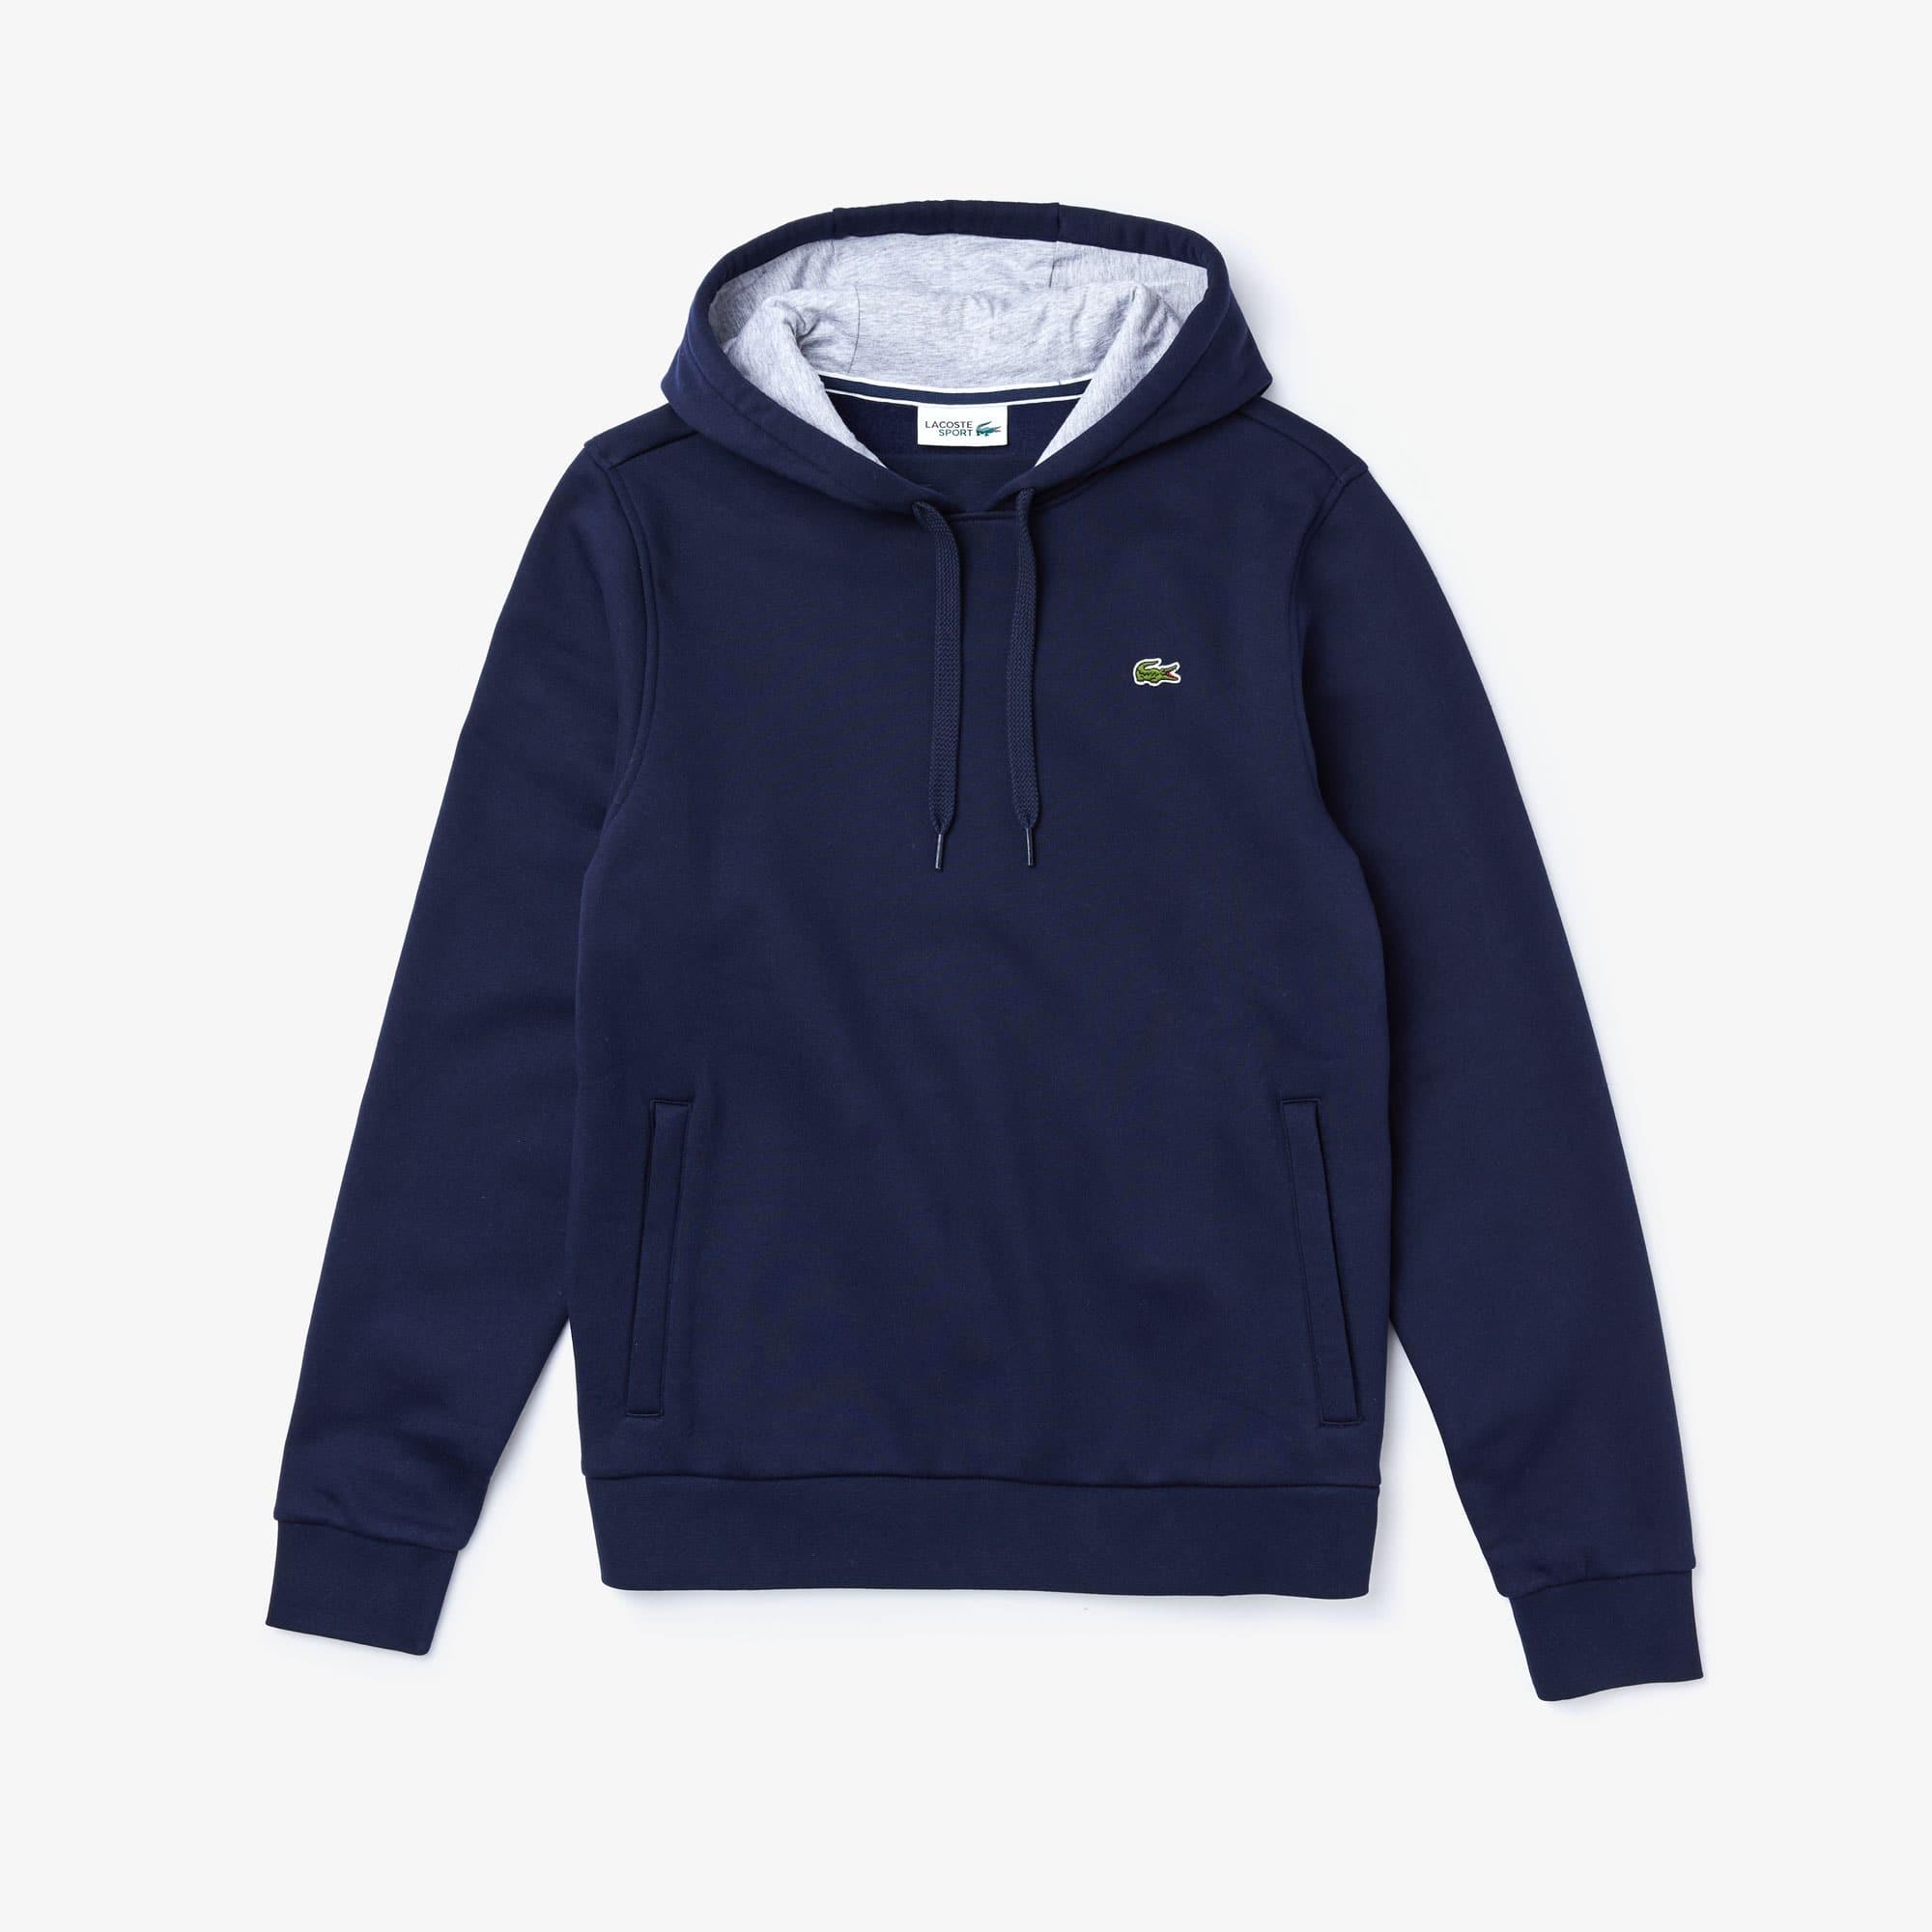 bc5f4c1f5e9a Men s Sweatshirts